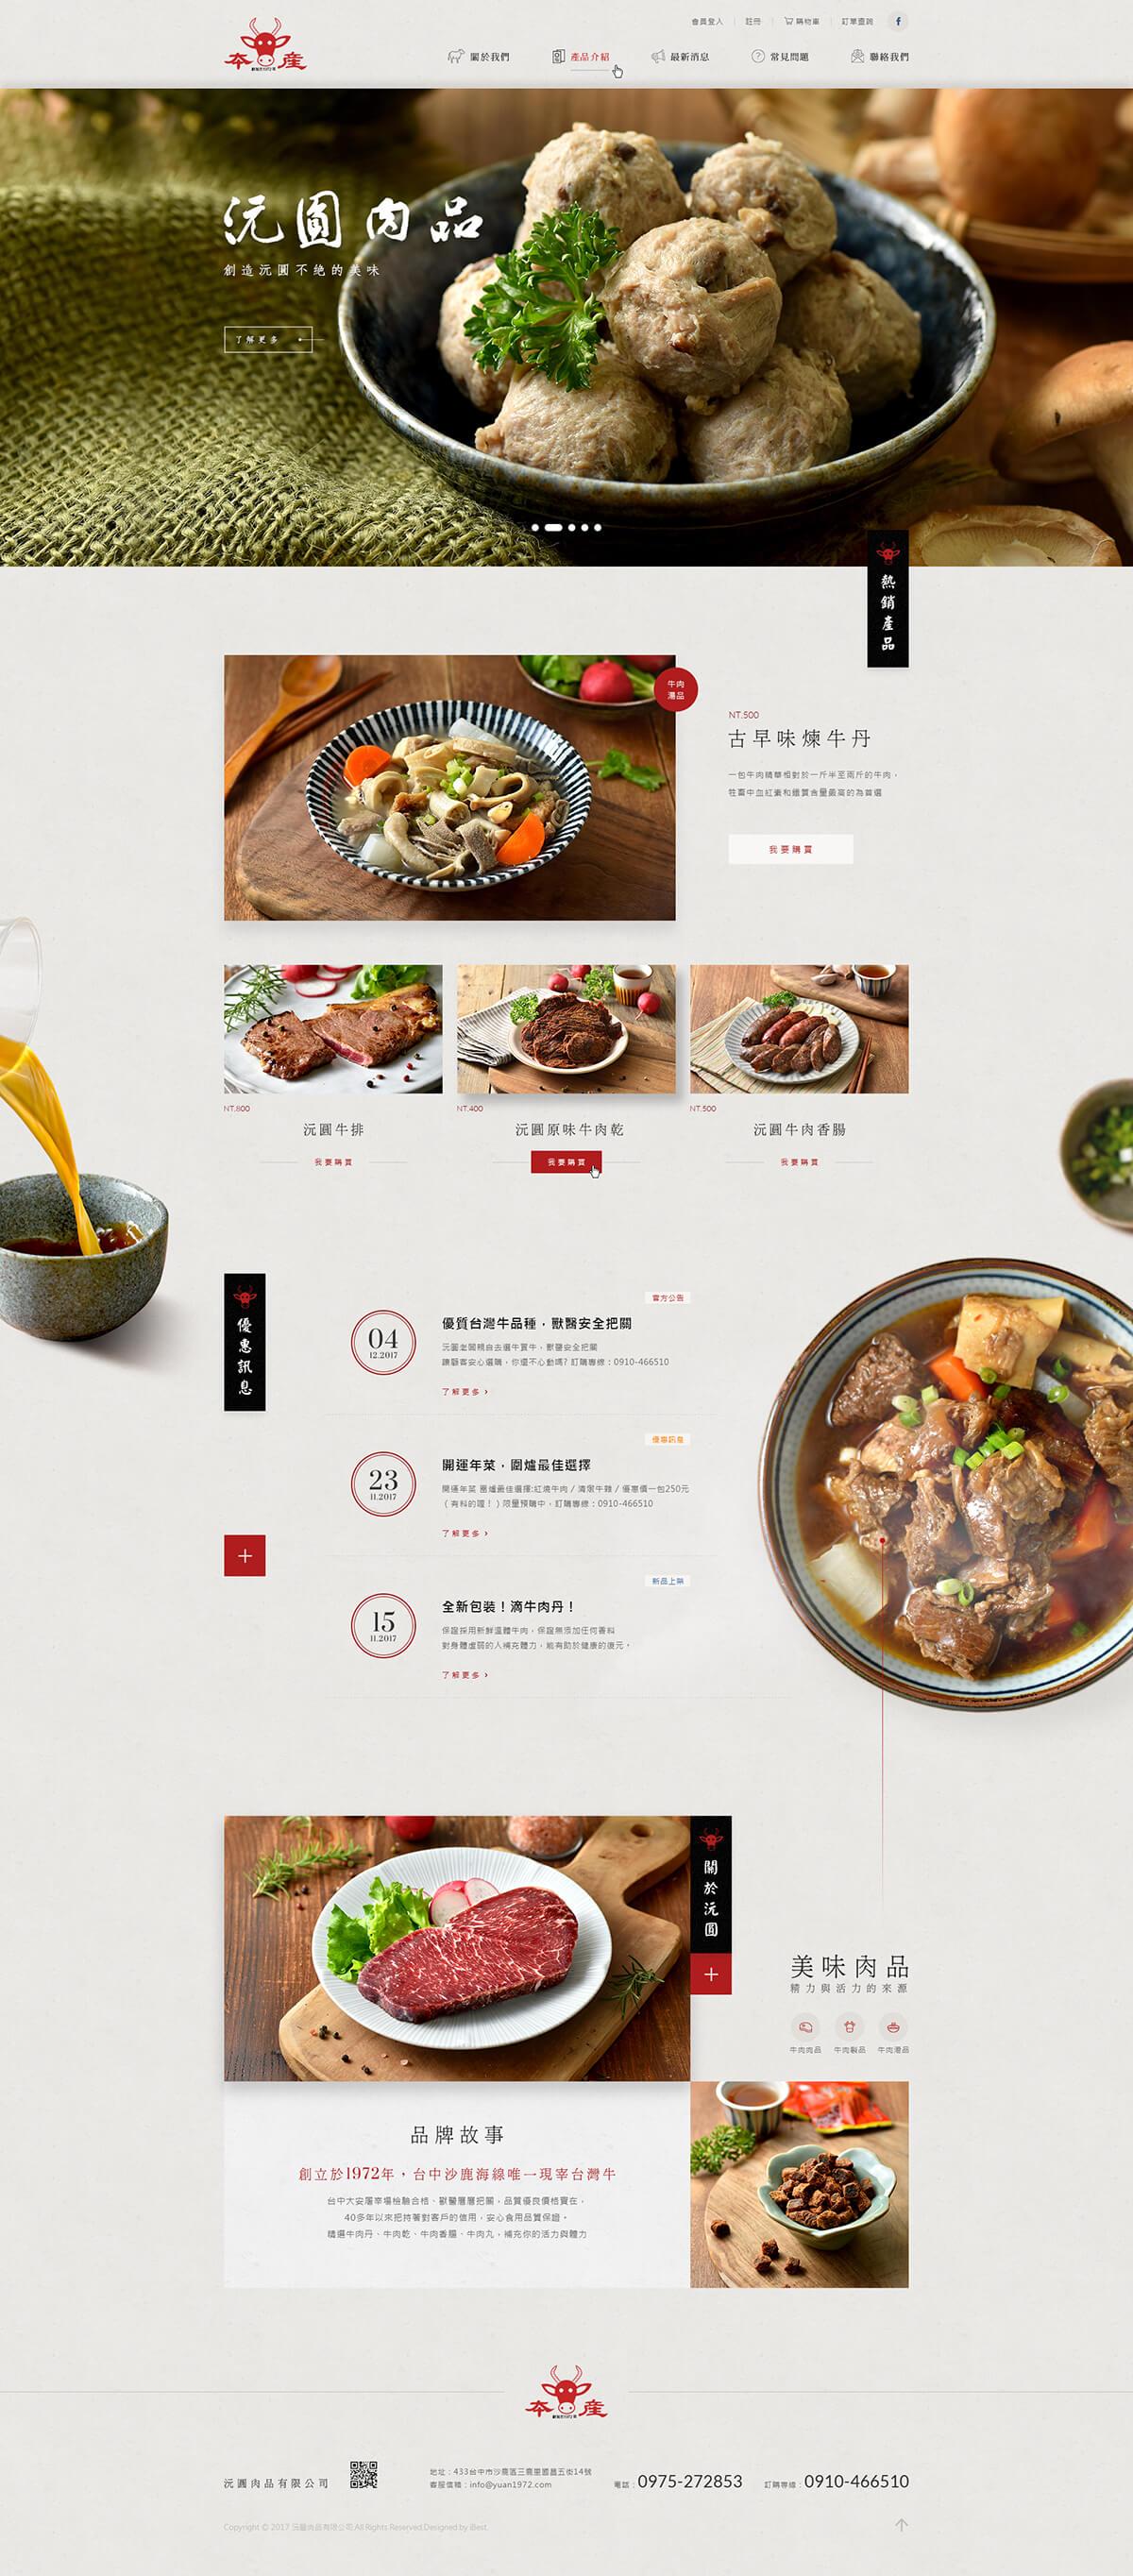 沅圓肉品-網頁設計